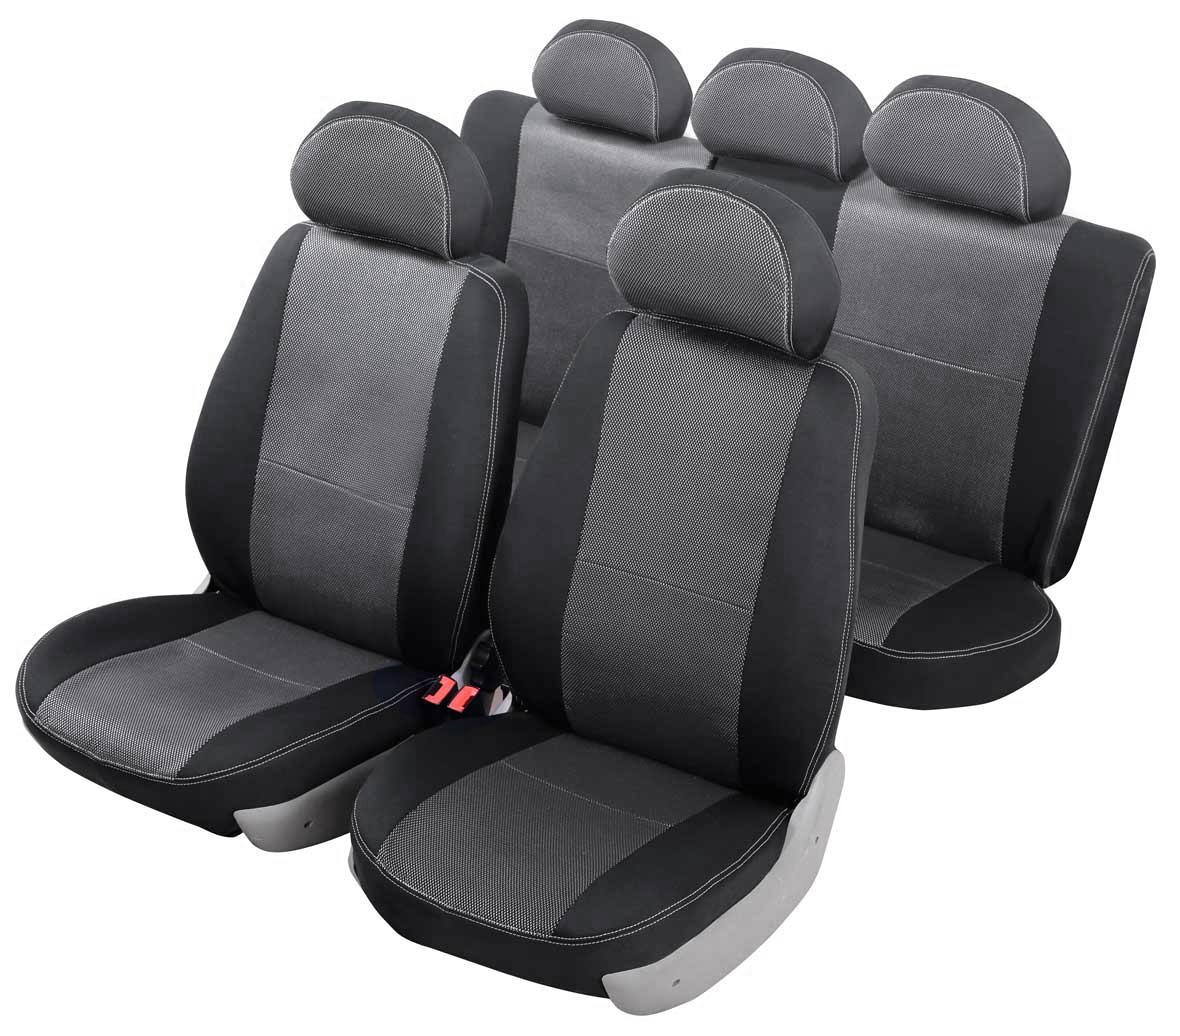 Чехол на автомобильное кресло Senator Dakkar TOYOTA COROLLA 2006-2012 сед., цвет: черныйS3010171Разработаны в РФ индивидуально для каждой модели автомобиля. Чехлы Senator Dakkar серийно выпускаются на собственном швейном производстве в России. Чехлы идеально повторяют штатную форму сидений и выглядят как оригинальная обивка сидений. Для простоты установки используется липучка Velcro, учтены все технологические отверстия. Чехлы сохраняют полную функциональность салона – трасформация сидений, возможность установки детских кресел ISOFIX, не препятствуют работе подушек безопасности AIRBAG и подогрева сидений. Дизайн чехлов Senator Dakkar приближен к оригинальной обивке салона. Чехлы имеют вставки из жаккарда по центру переднего сиденья и на подголовниках. Декоративная контрастная прострочка по периметру авточехлов придает стильный и изысканный внешний вид интерьеру автомобиля. Чехлы Senator Dakkar изготовлены из сверхпрочного жаккарда, триплированного огнеупорным поролоном толщиной 3 мм, за счет чего чехол приобретает дополнительную мягкость. Подложка из спандбонда сохраняет...